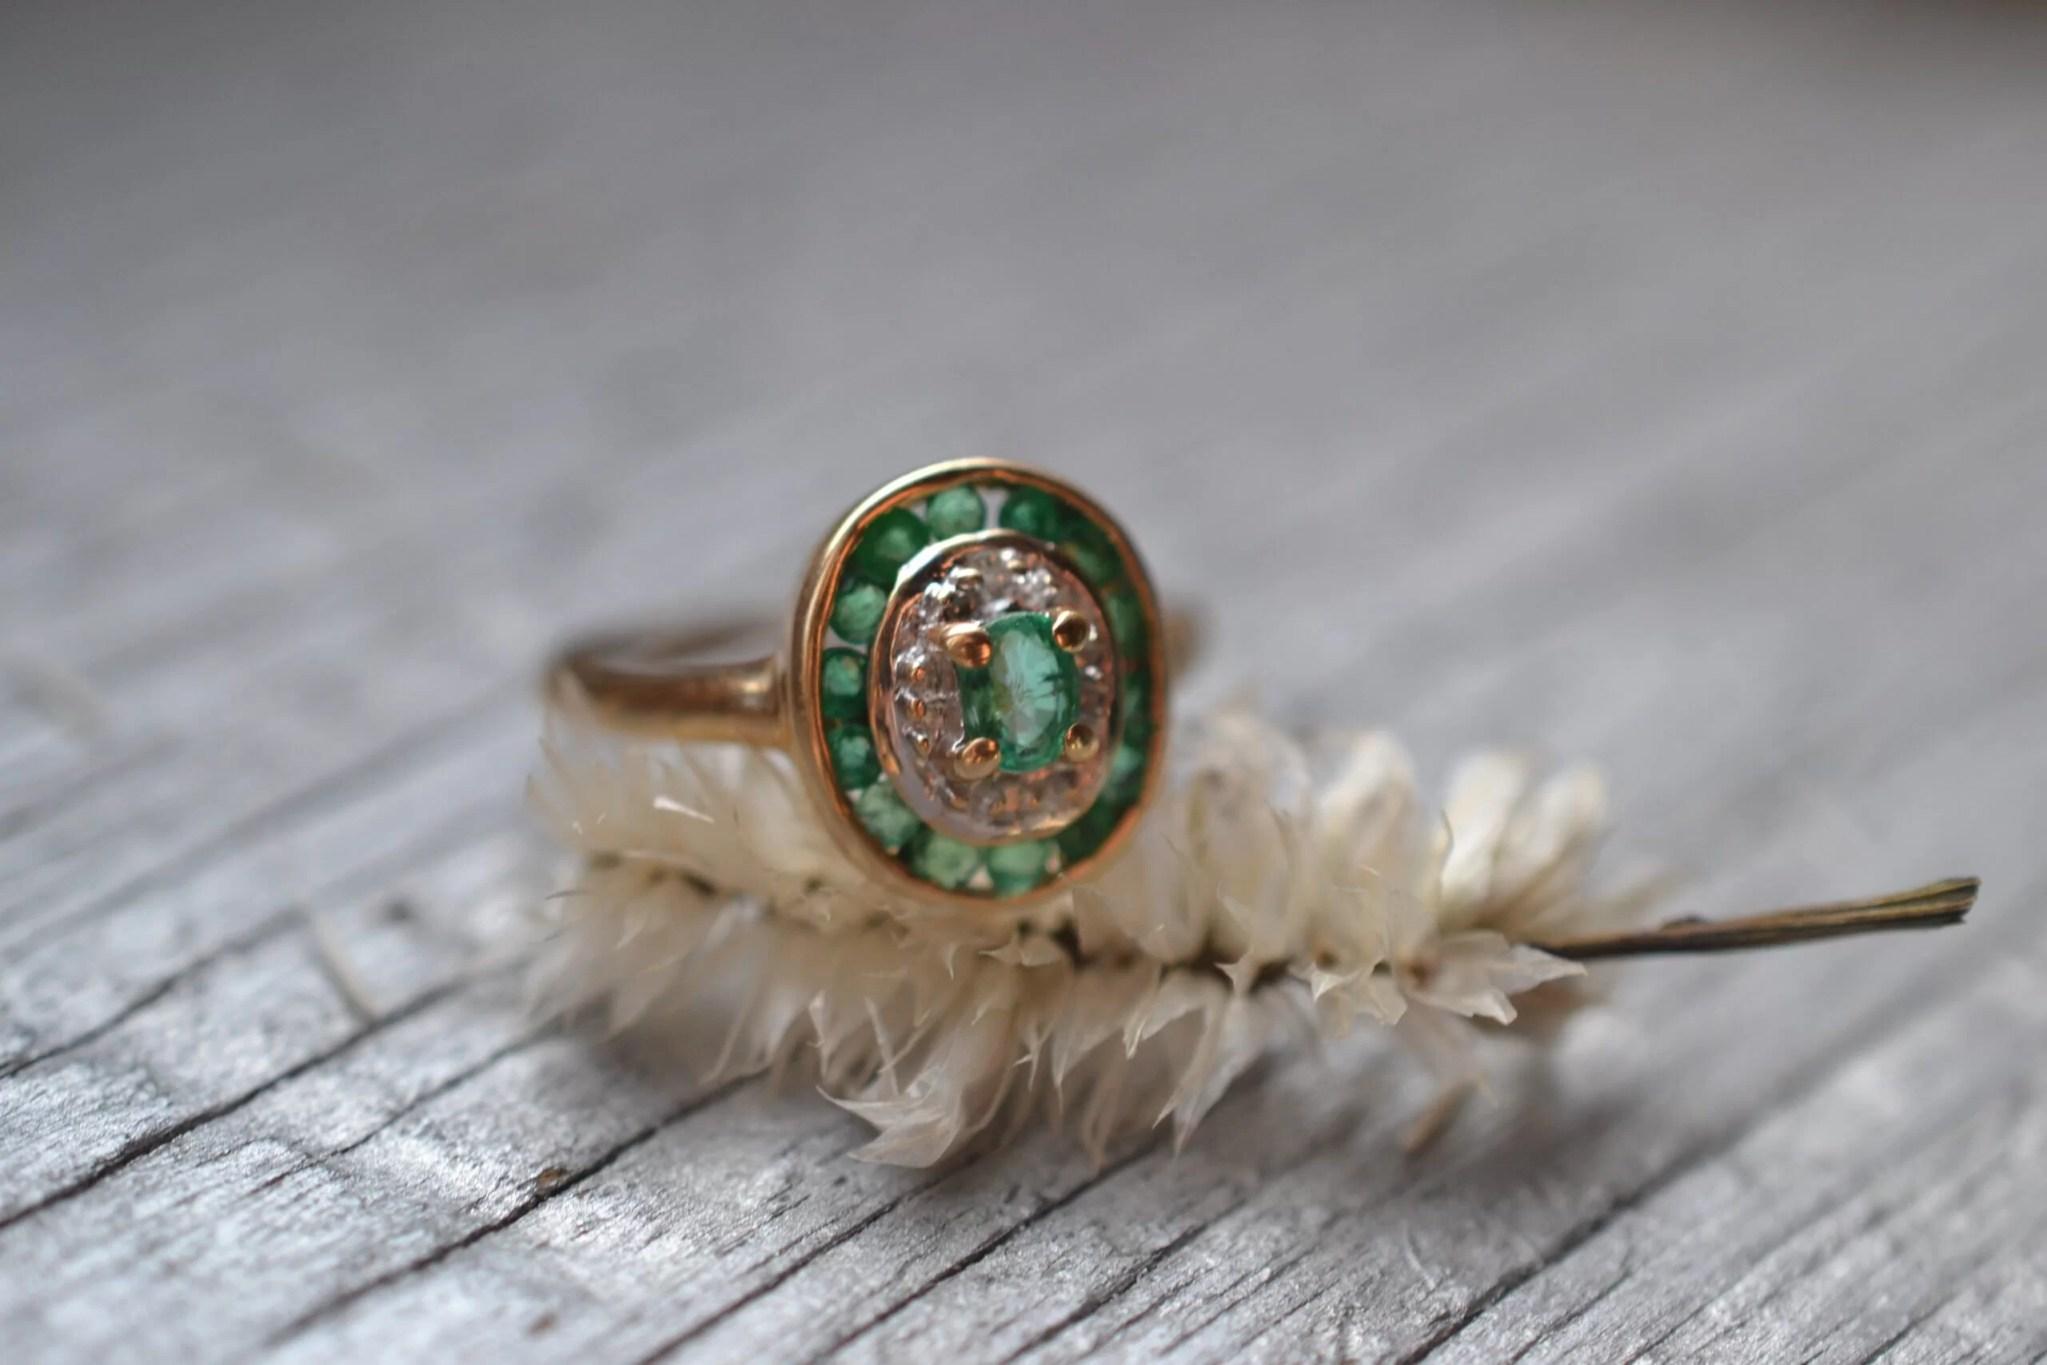 bague ancienne vintage émeraude - Or 18 carats - bijou durable et responsable fiançailles mariage éthique